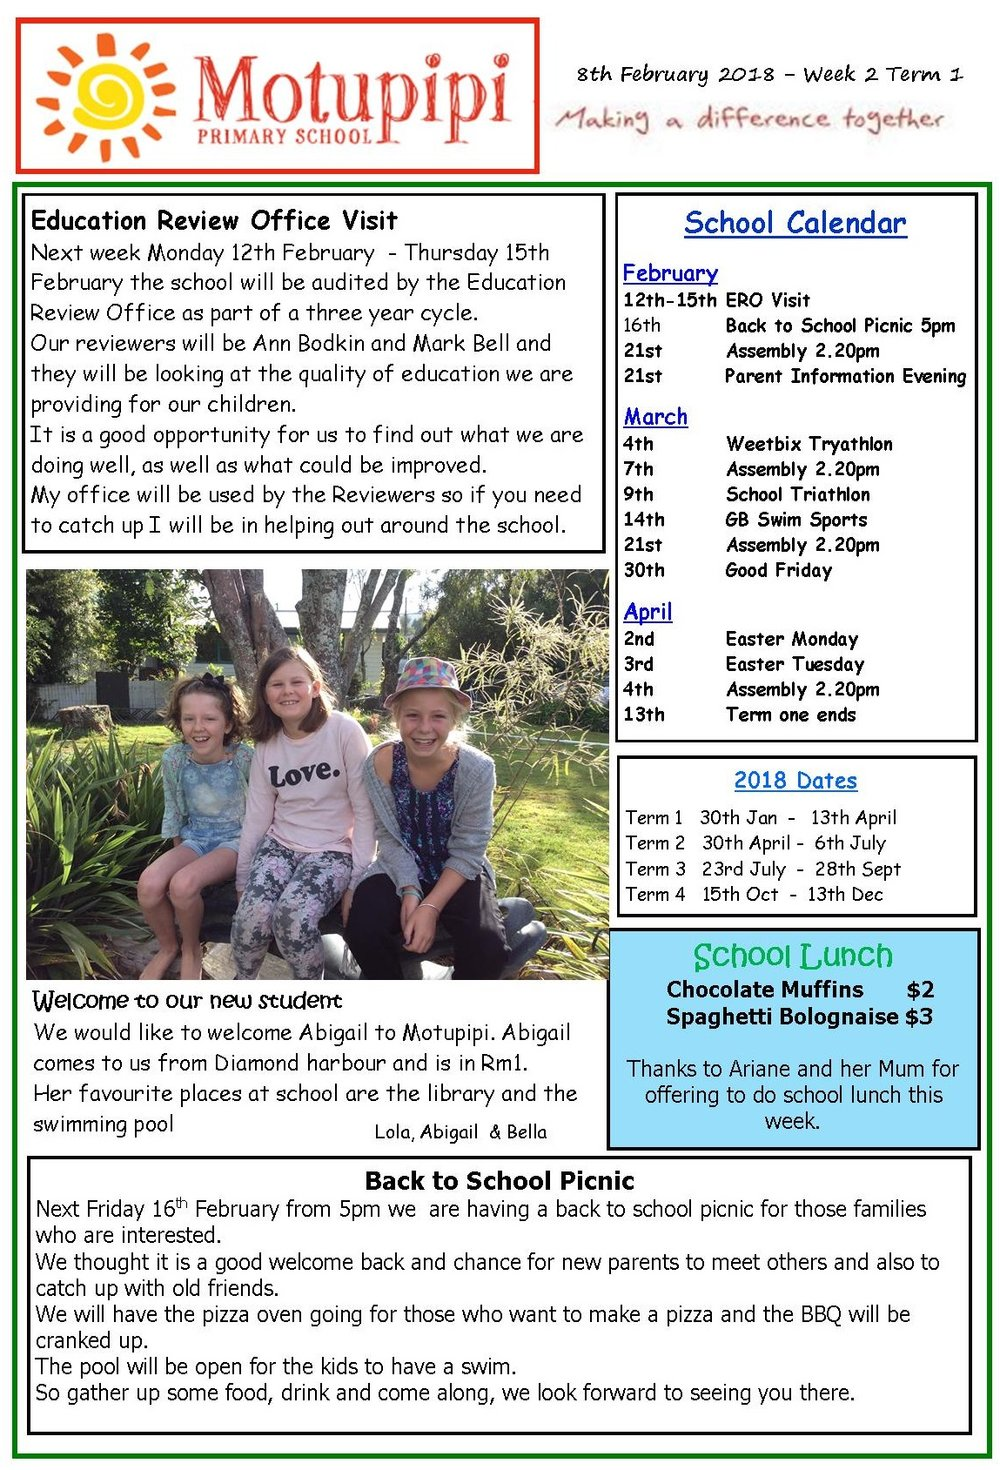 8th Feb Page 1.jpg